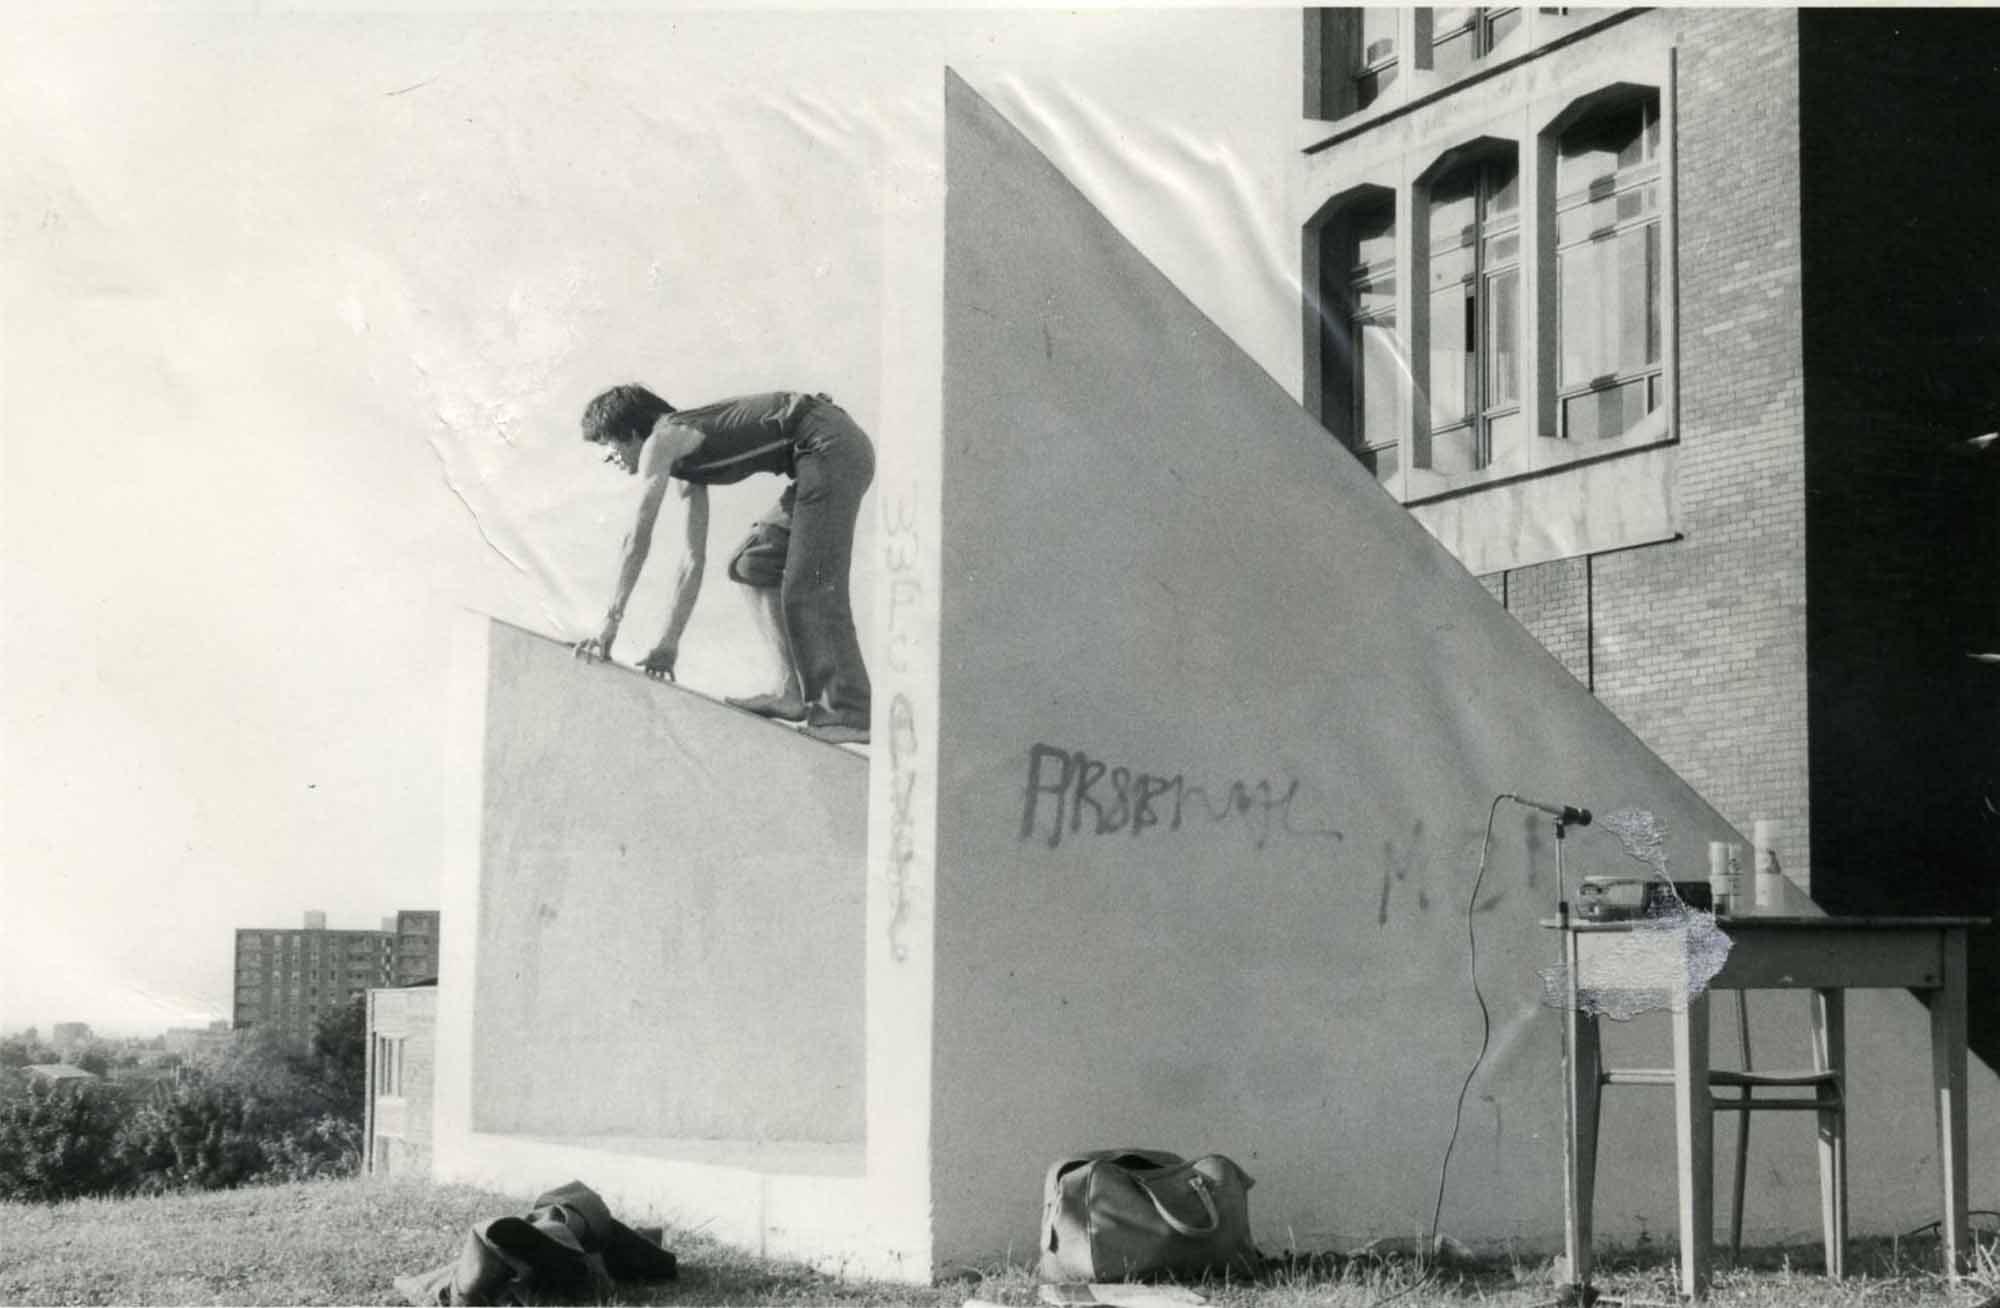 Richard Layzell, Normality, 1979